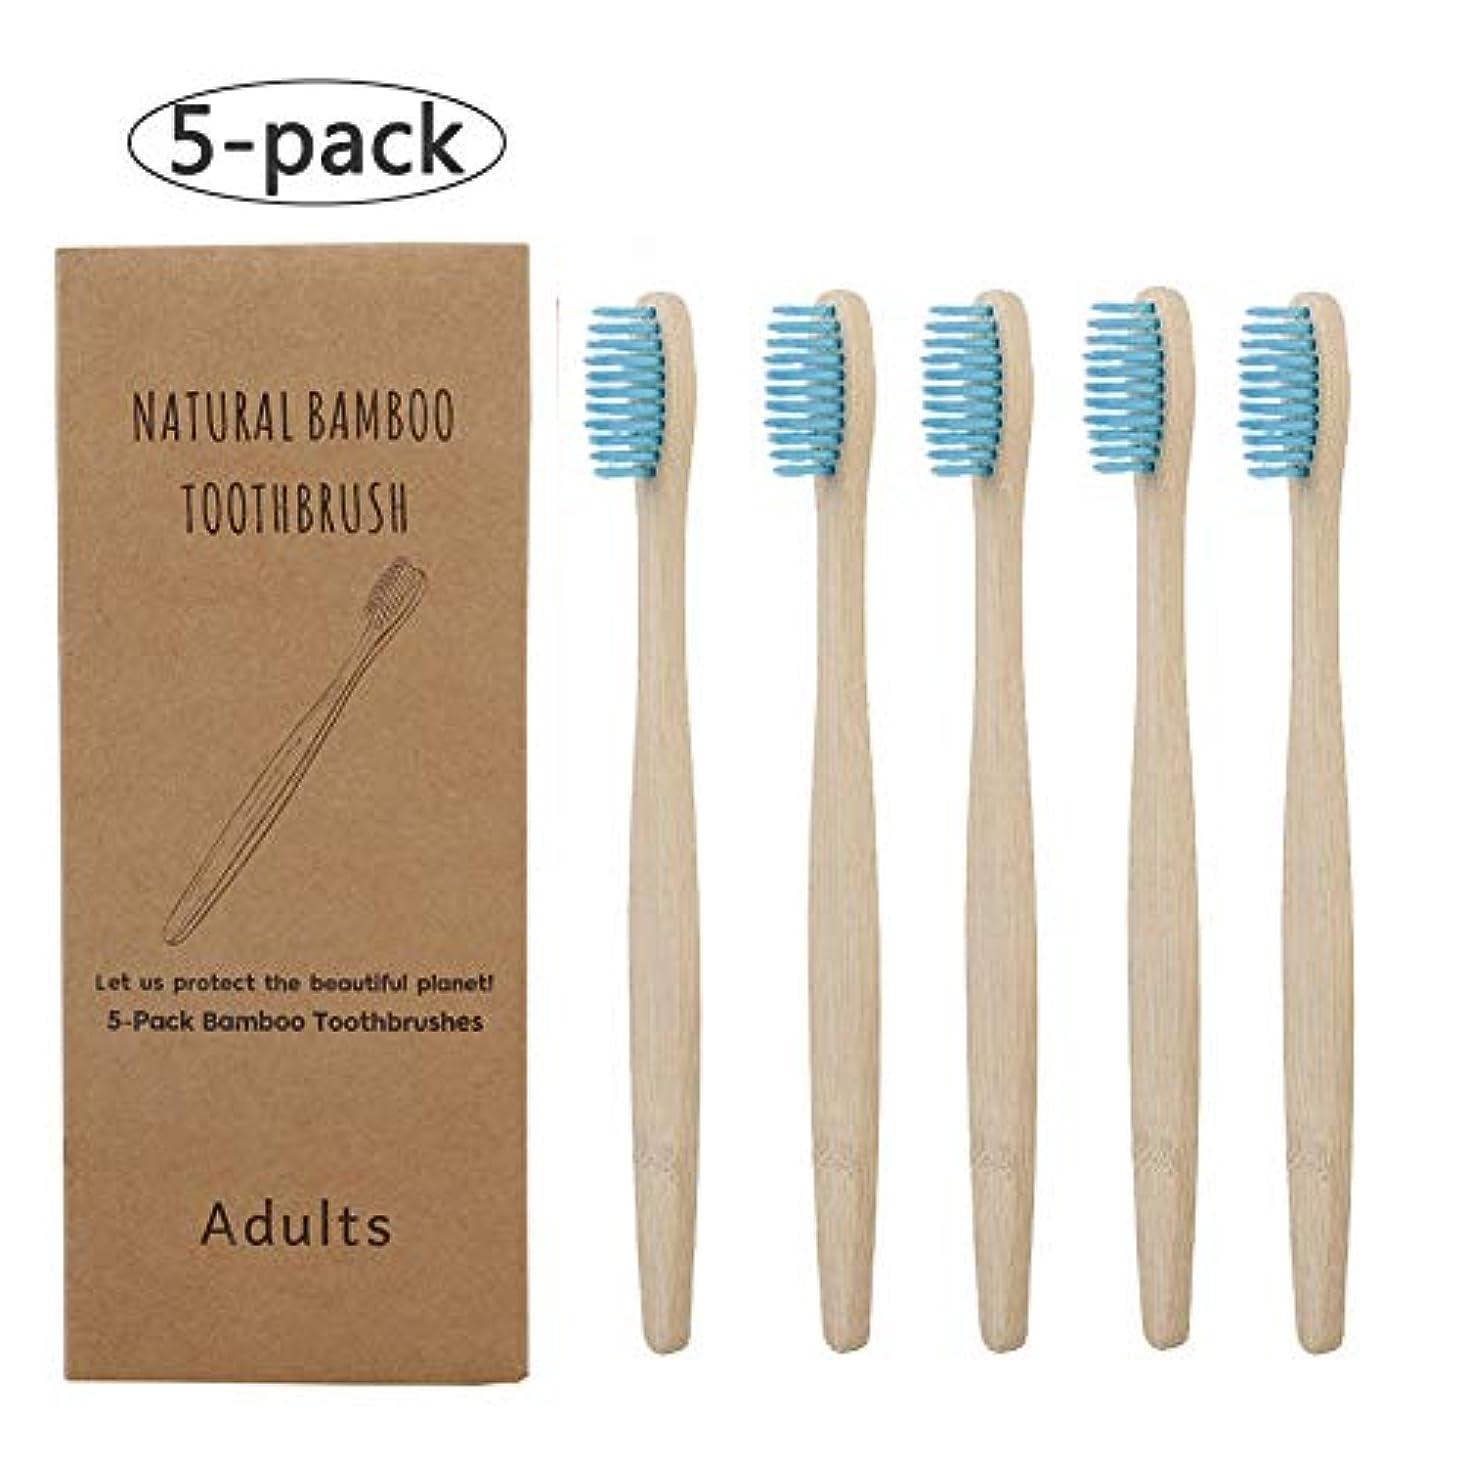 クリスマス主張する貫通するDoo 5pcs 竹の歯ブラシ 大人用 柔らかい剛毛 環境保護 自然竹ハンドル 軟毛歯ブラシ 口腔ケア ブルー